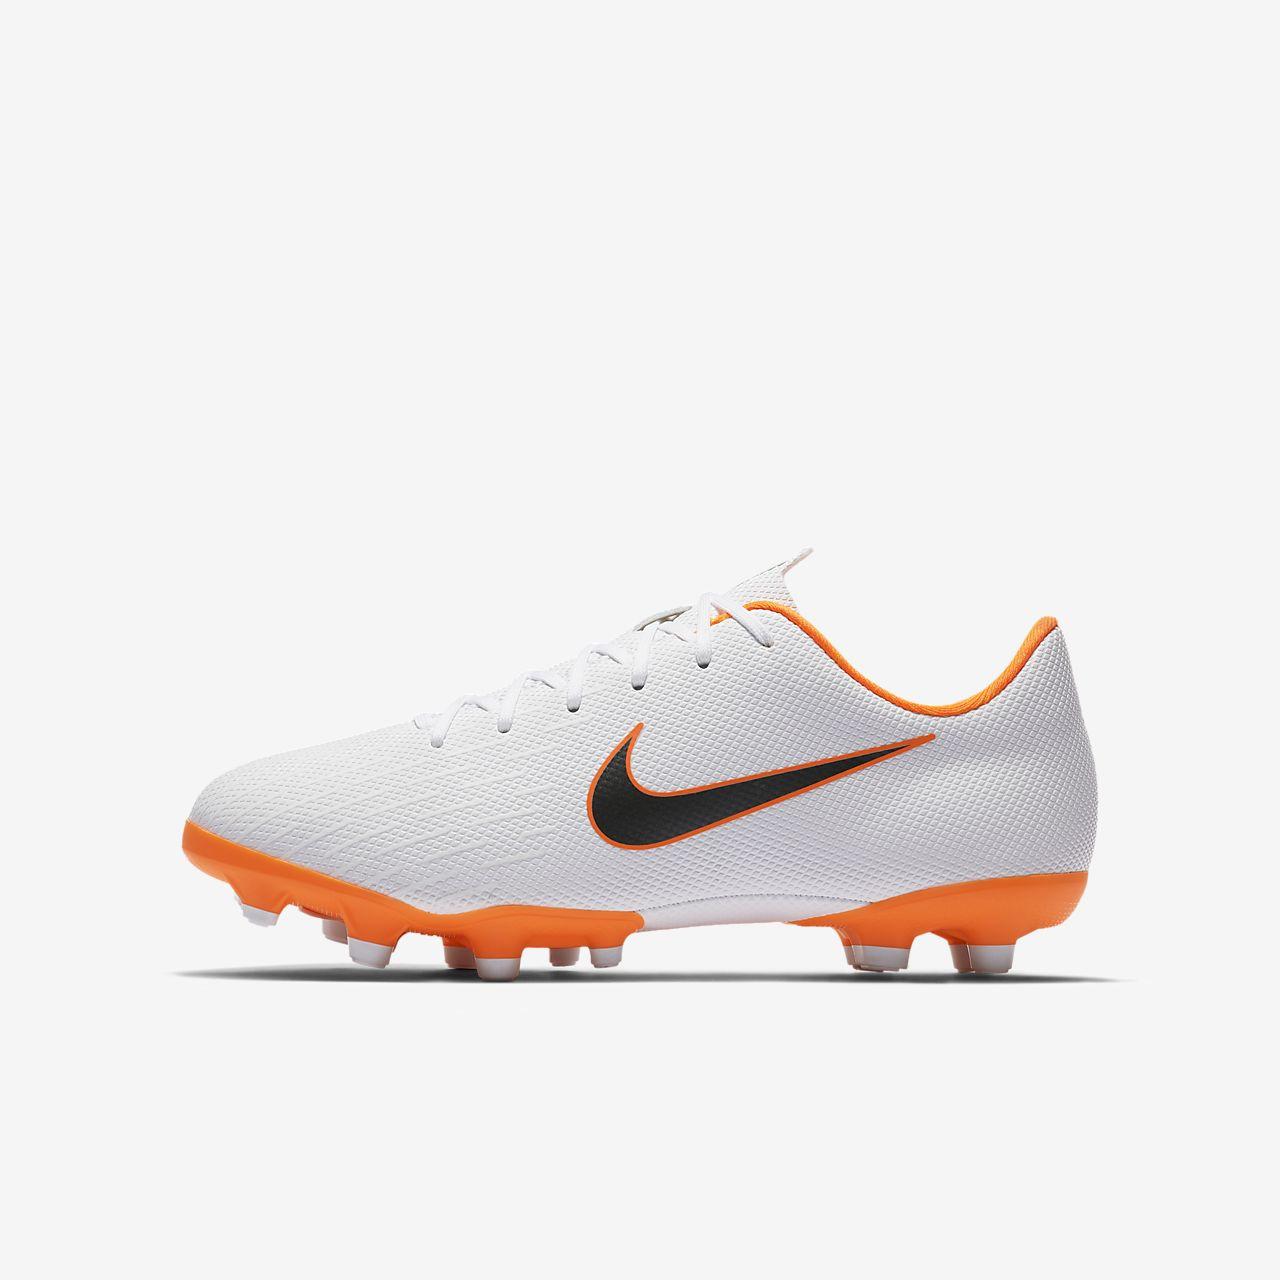 De Jdi Chaussure Nike Xii Academy Crampons Plus Mercurial Pour Terrains Multi À Vapor Enfantenfant Jeune Âgé Football Jr 4qrd1q7